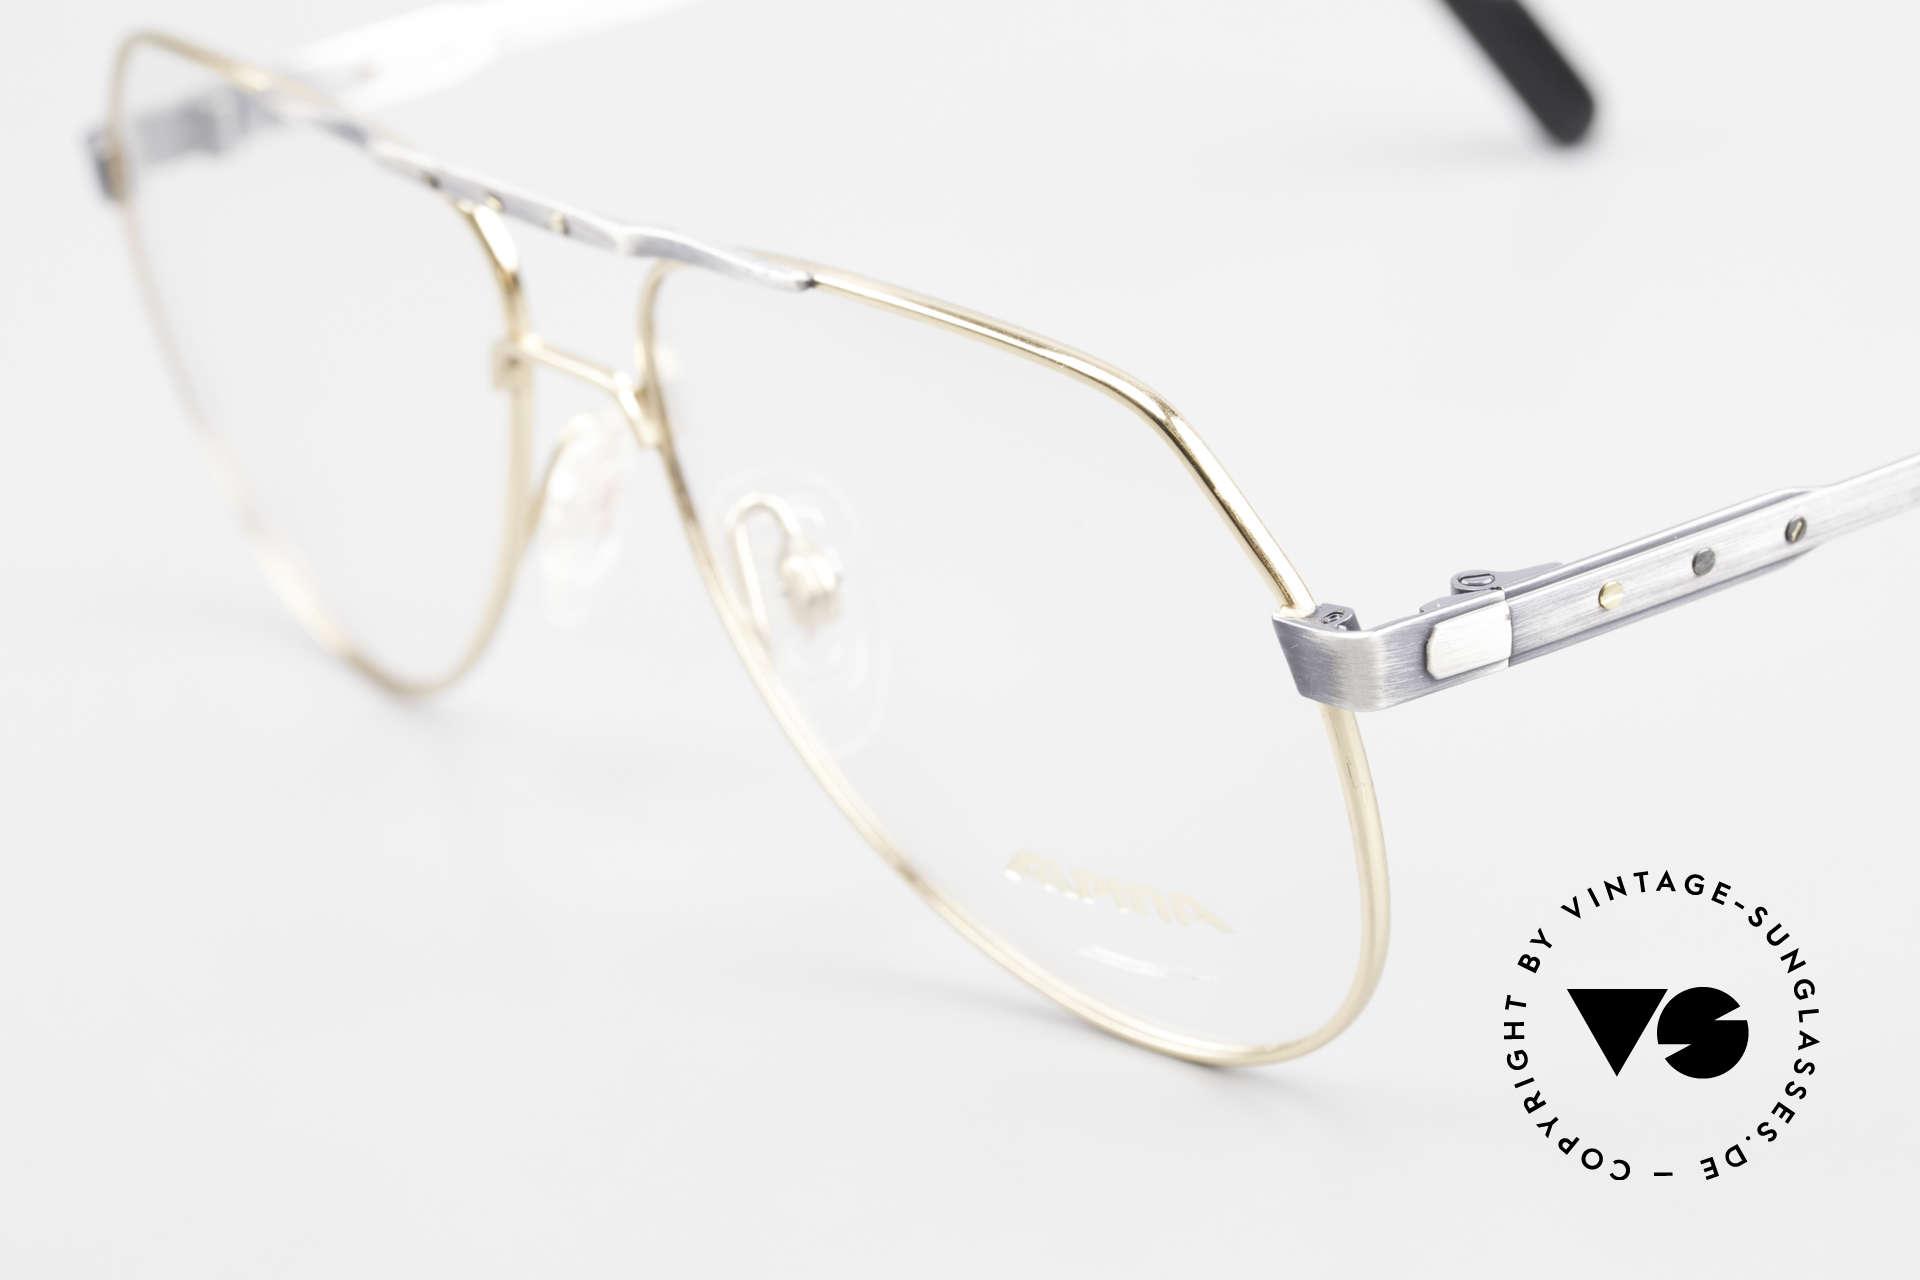 Alpina M1F770 Vintage Brille Pilotenstil 90er, mit den unverwechselbaren Alpina Zierschrauben, Passend für Herren